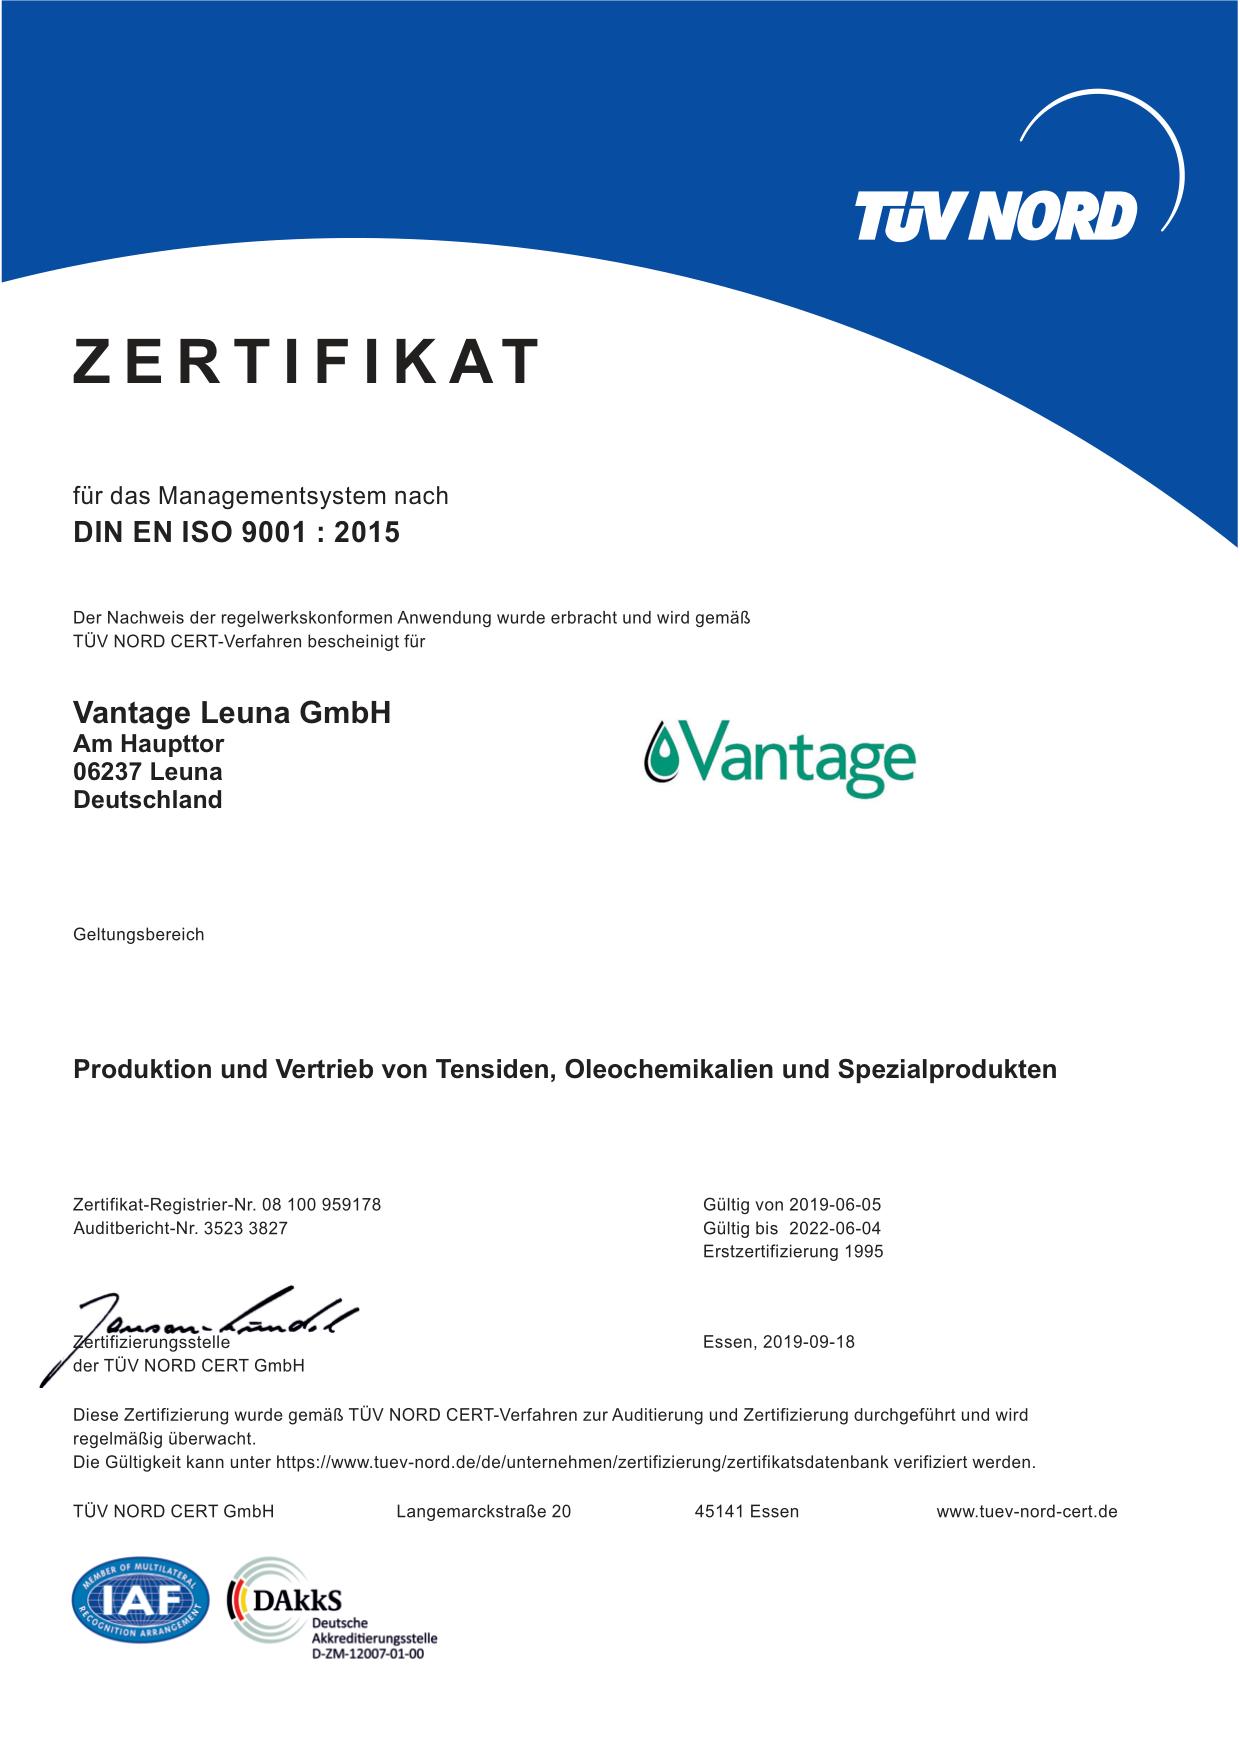 959178 Vantage Leuna GmbH 9001 de